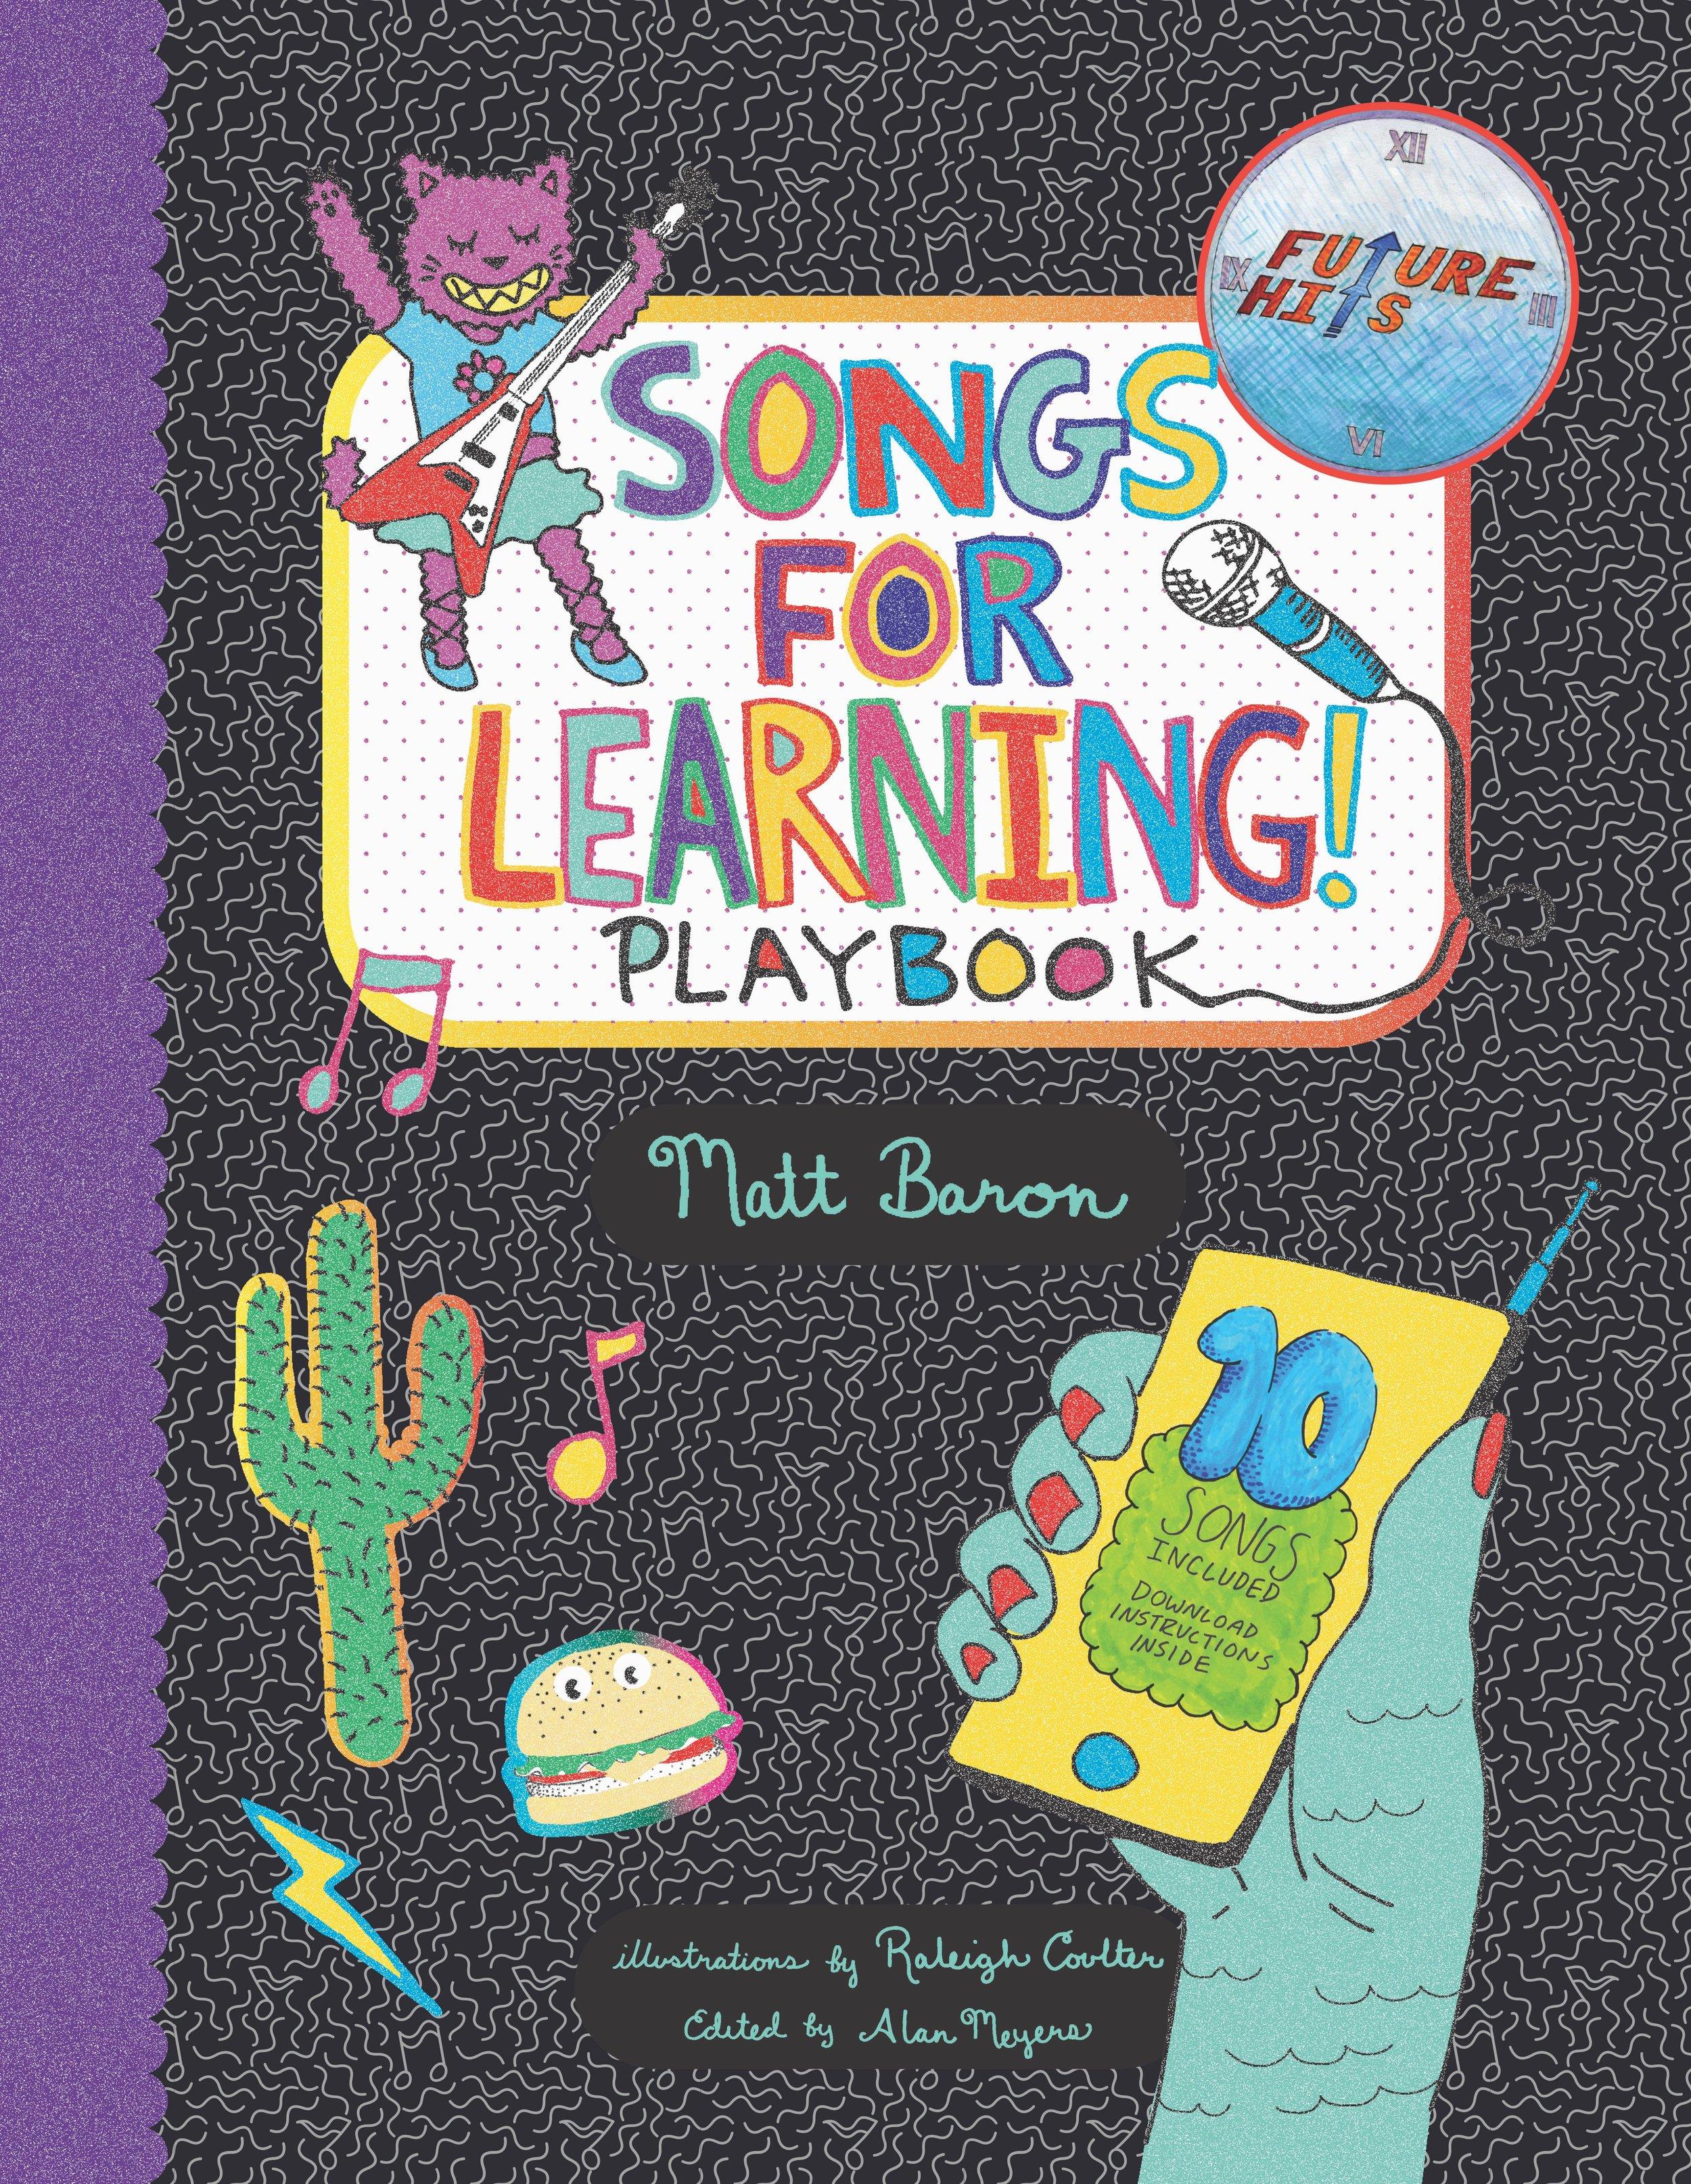 Songs for Learning Cover Final04-2018lr.jpg